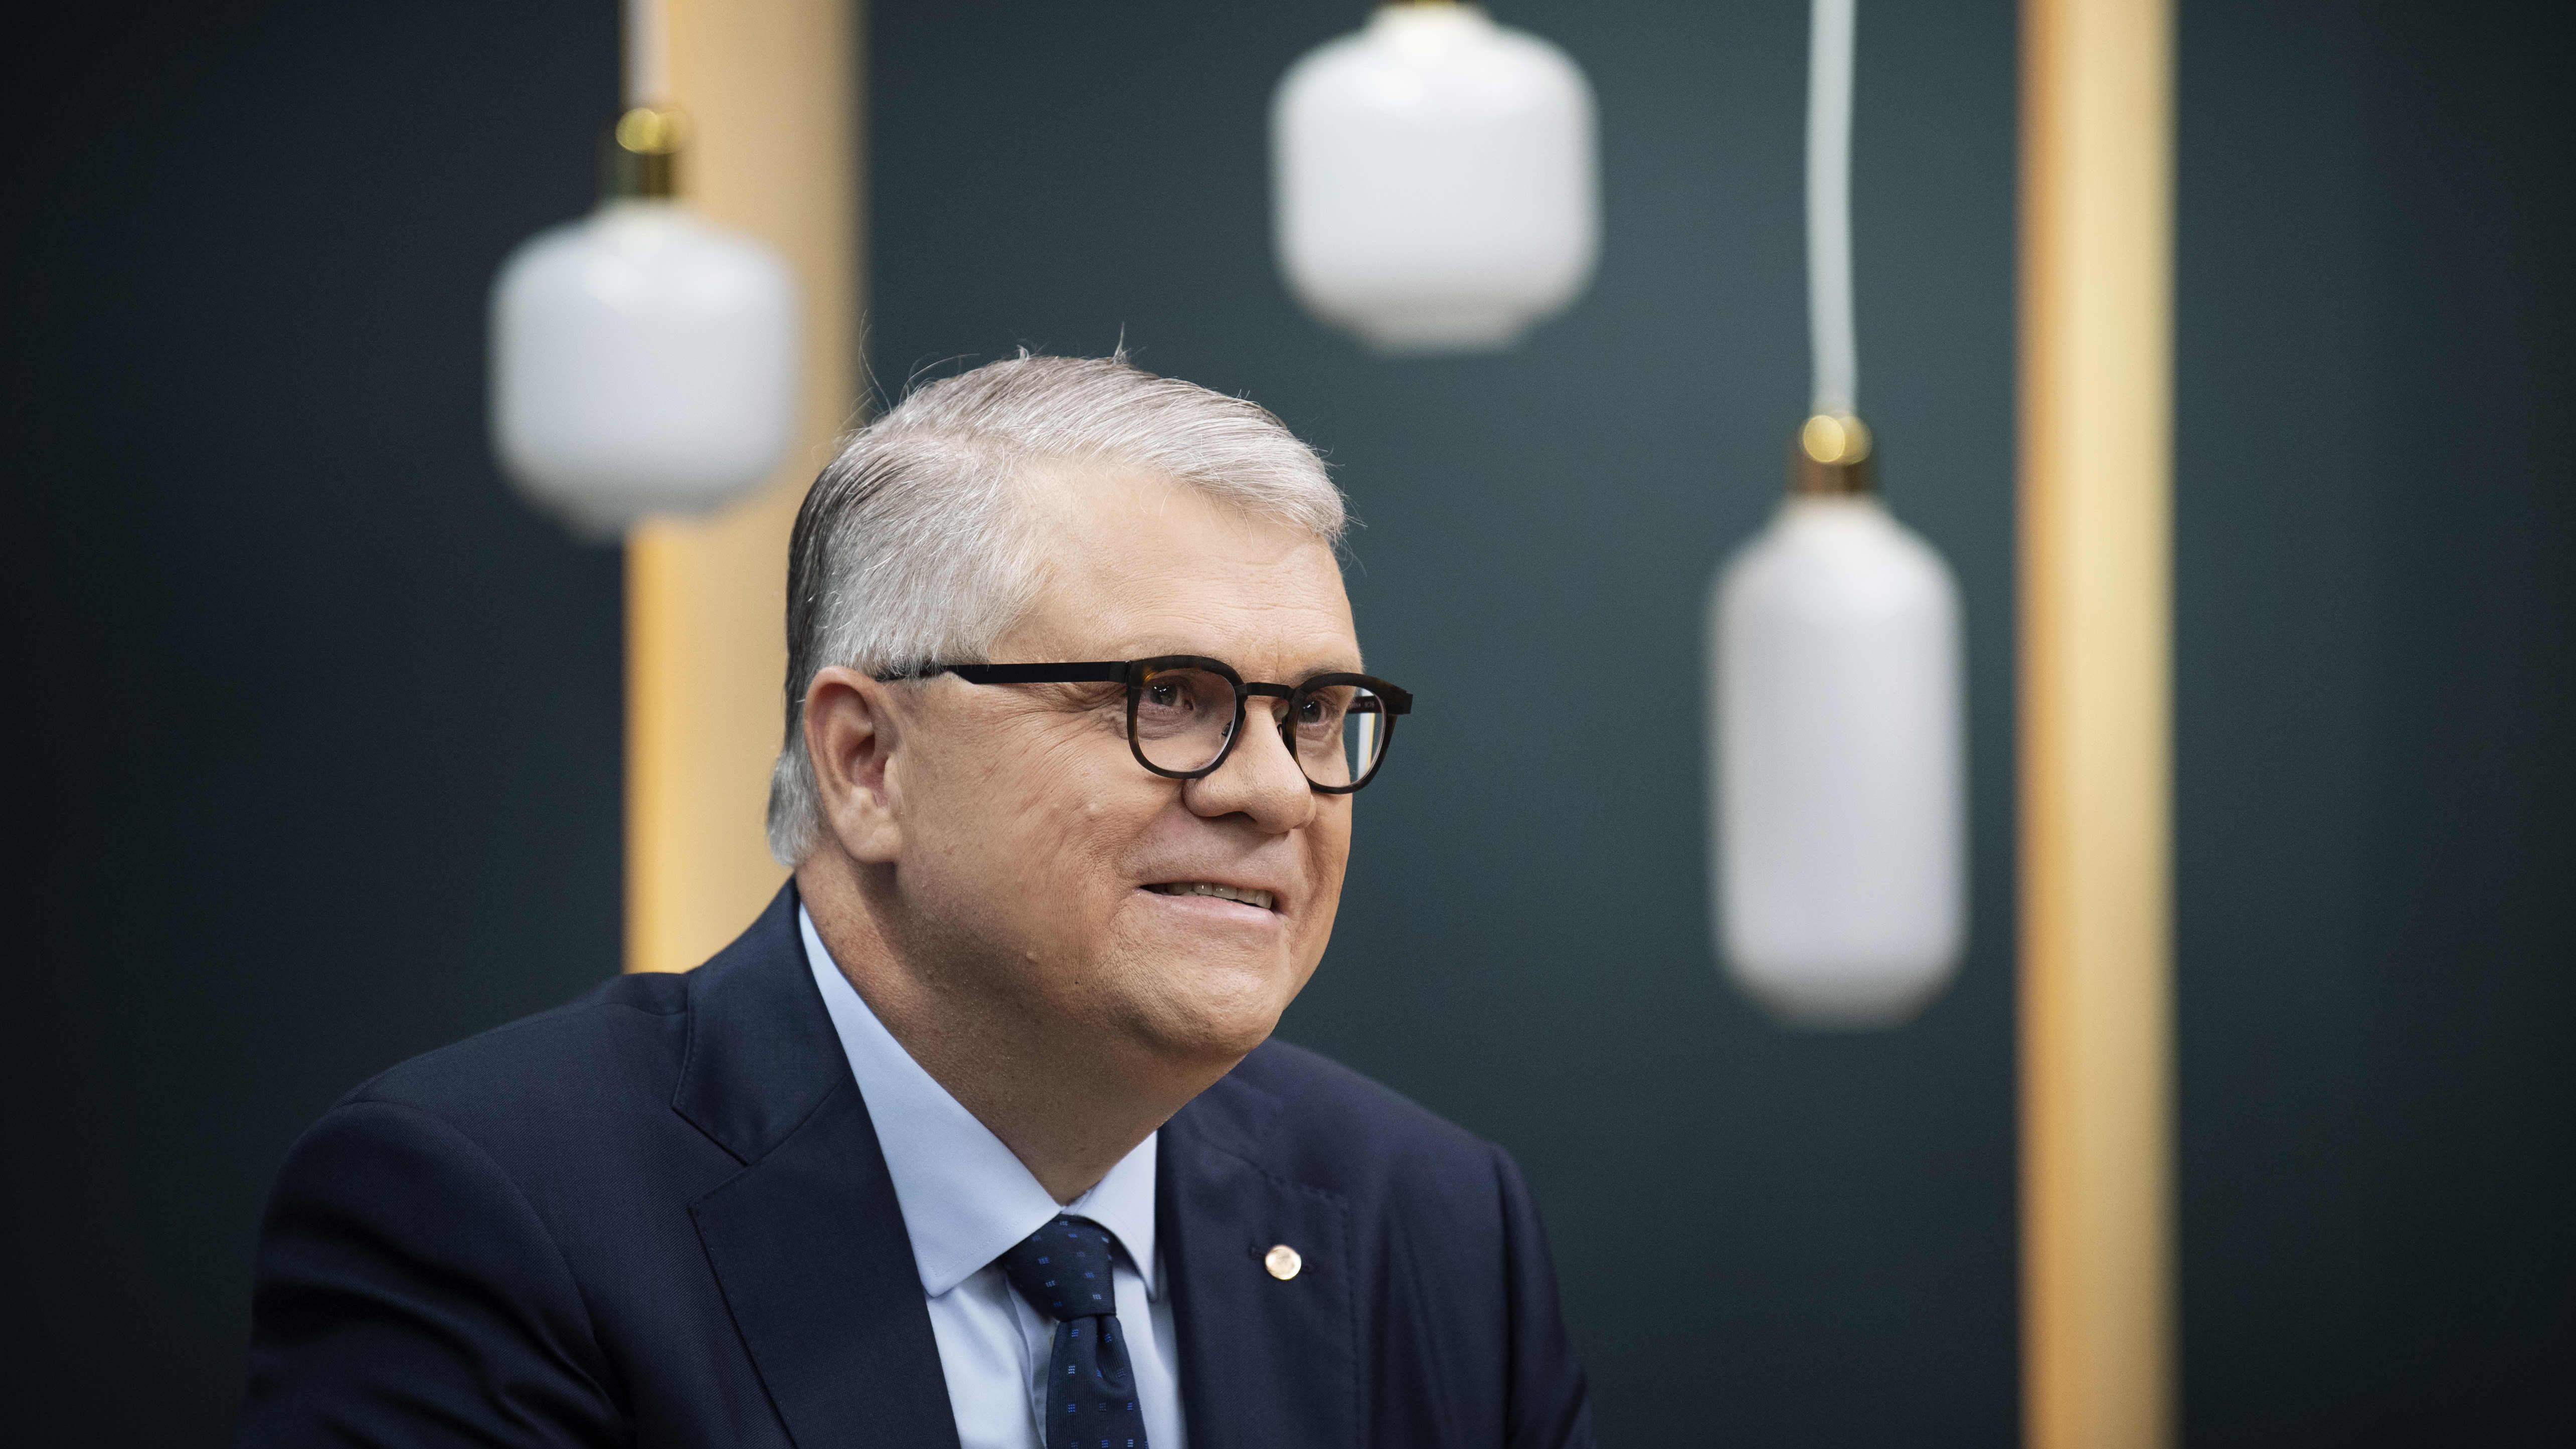 UPM:n toimitusjohtaja Jussi Pesonen Ykkösaamun vieraana 5.9.2020.